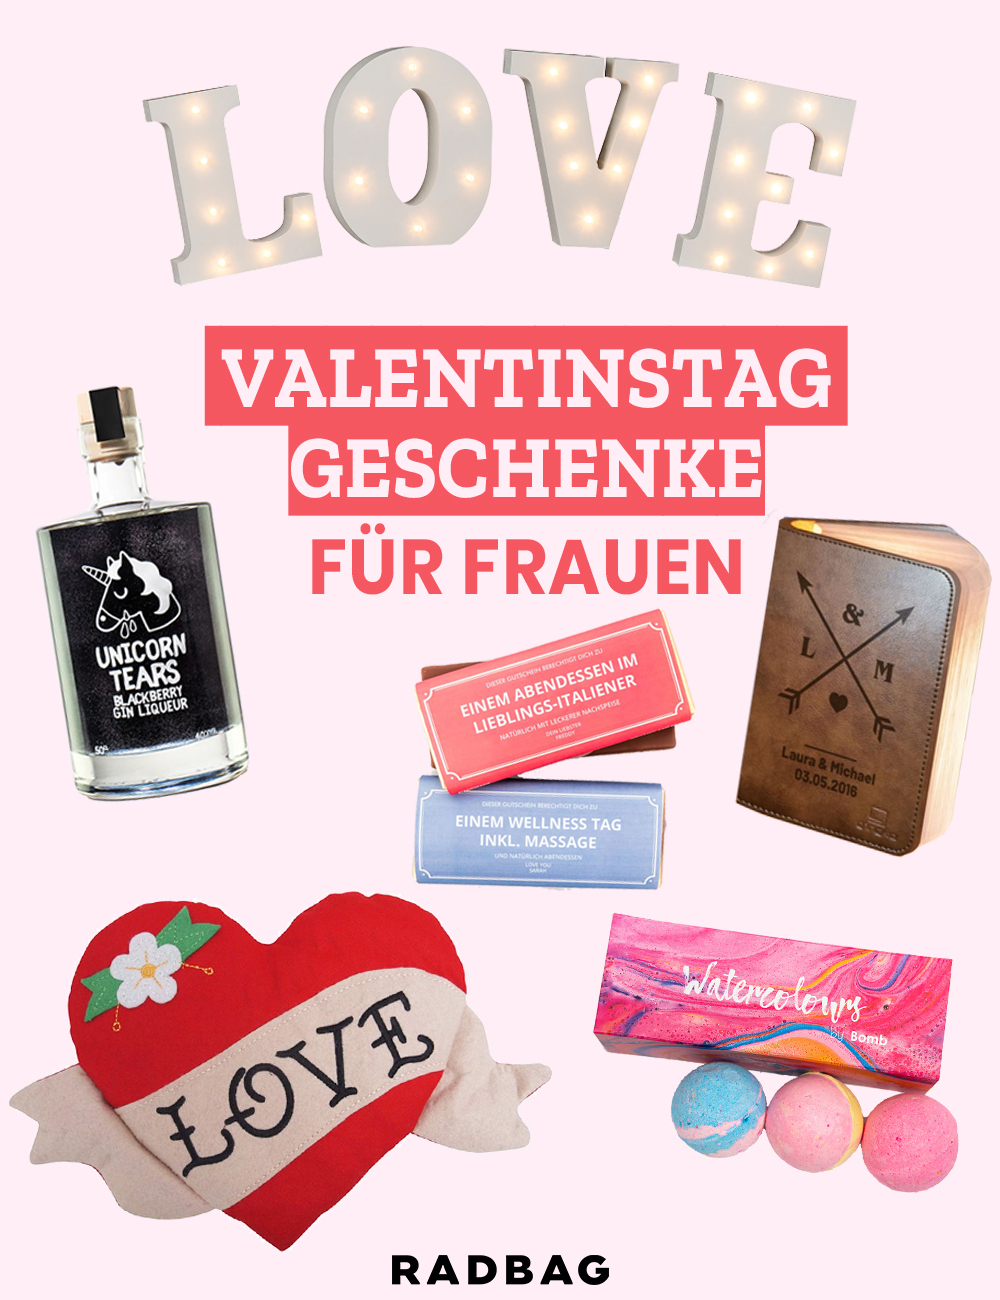 Entdecke Unsere Top 20 Valentinstag Geschenke Für Frauen über Originelle Geschenke Zum Valentinstag